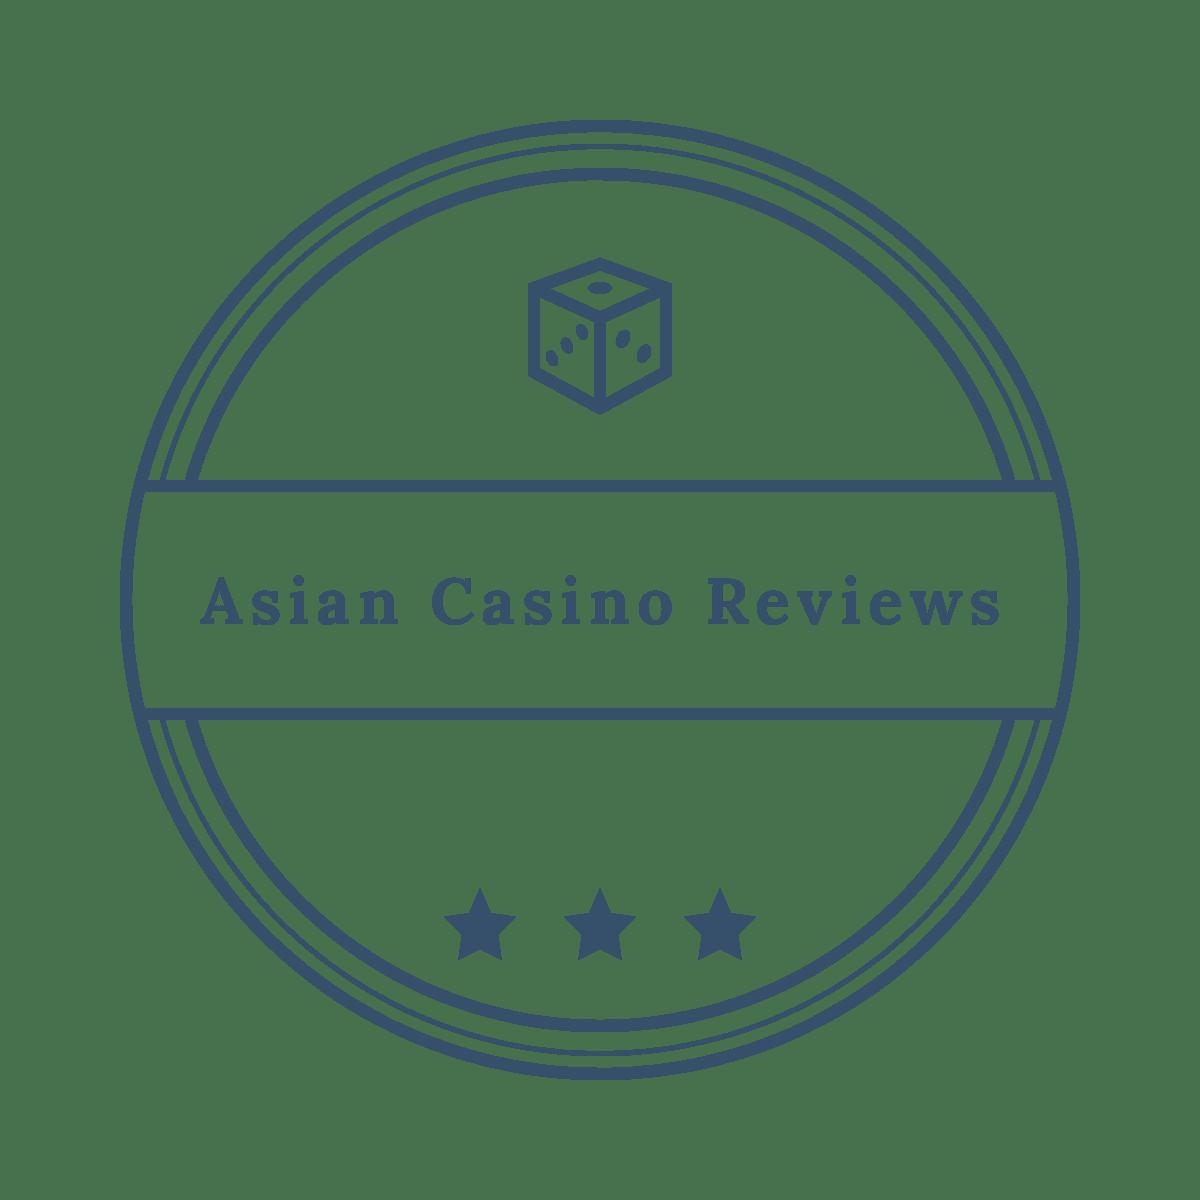 Asian Casino Reviews